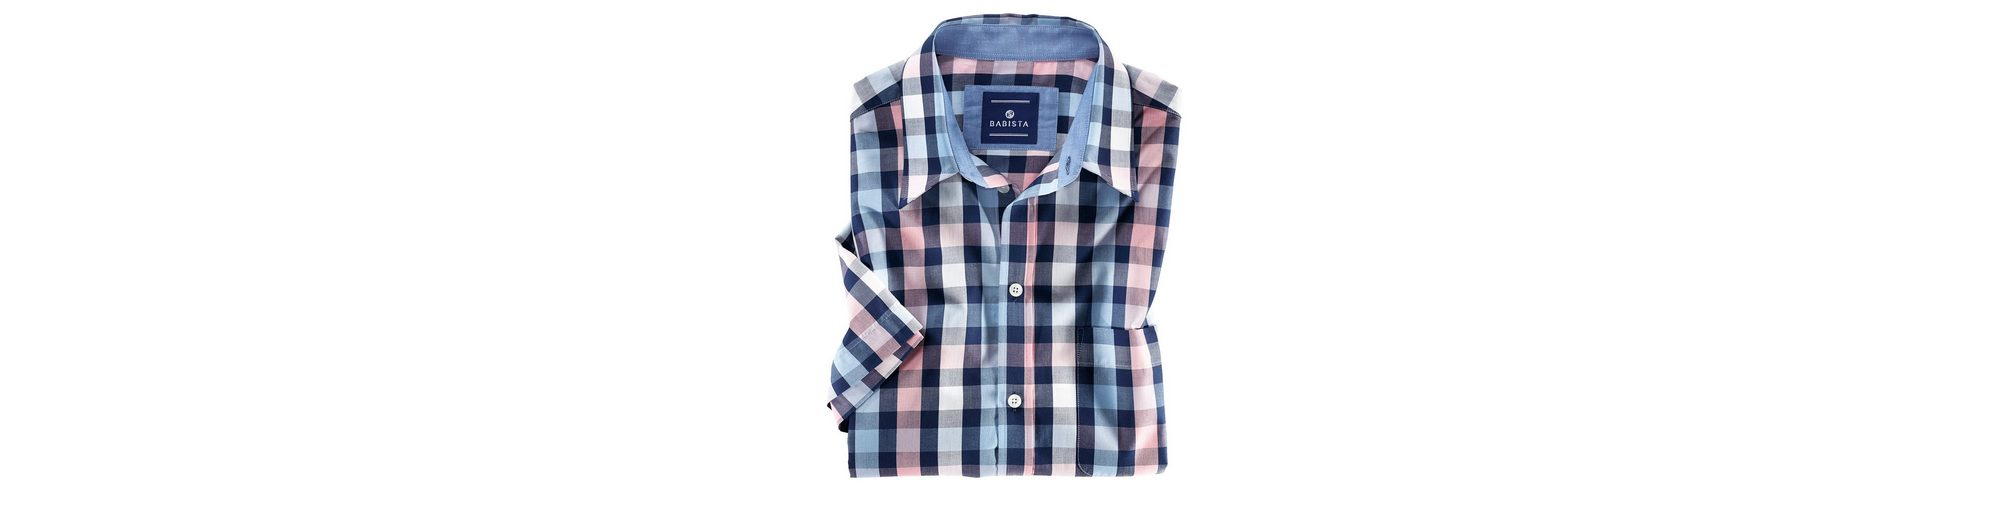 Mit Paypal Günstig Online Babista Hemd mit Pastelltönen Kosten Online Kaufen Sie Günstig Online Einkaufen Beste Wahl TdsS5cR